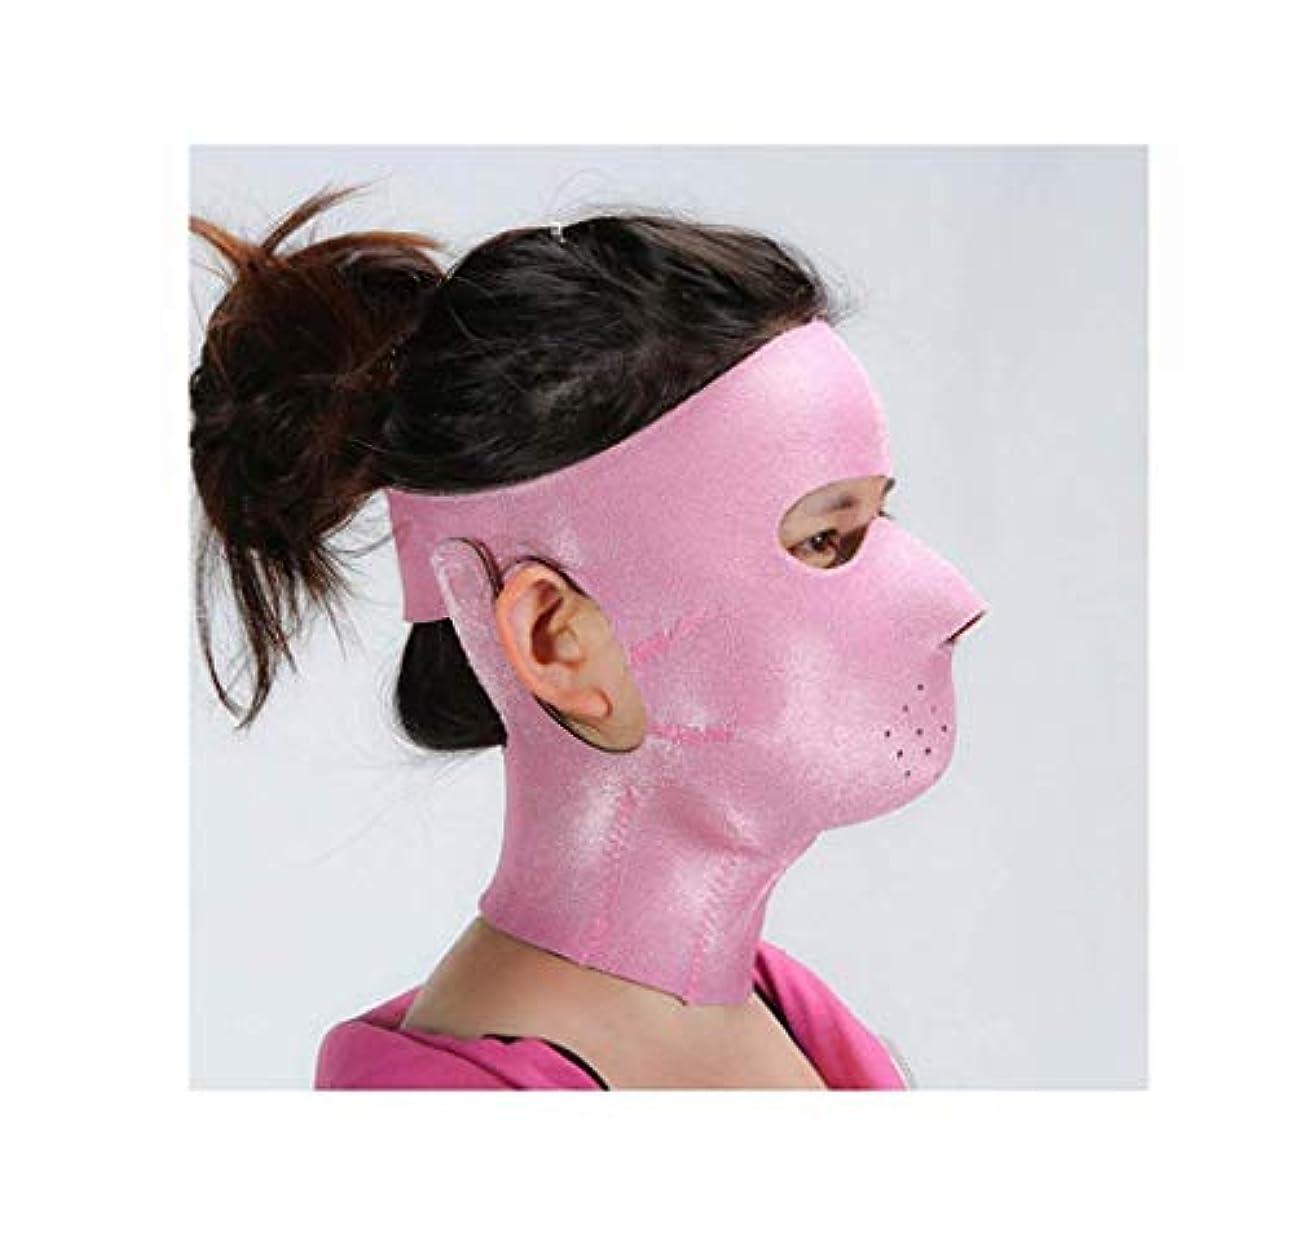 受粉するブラウスプライバシーフェイスリフトマスク、フェイシャルマスクプラス薄いフェイスマスクタイトなたるみの薄いフェイスマスクフェイシャル薄いフェイスマスクアーティファクトビューティーネックストラップ付き